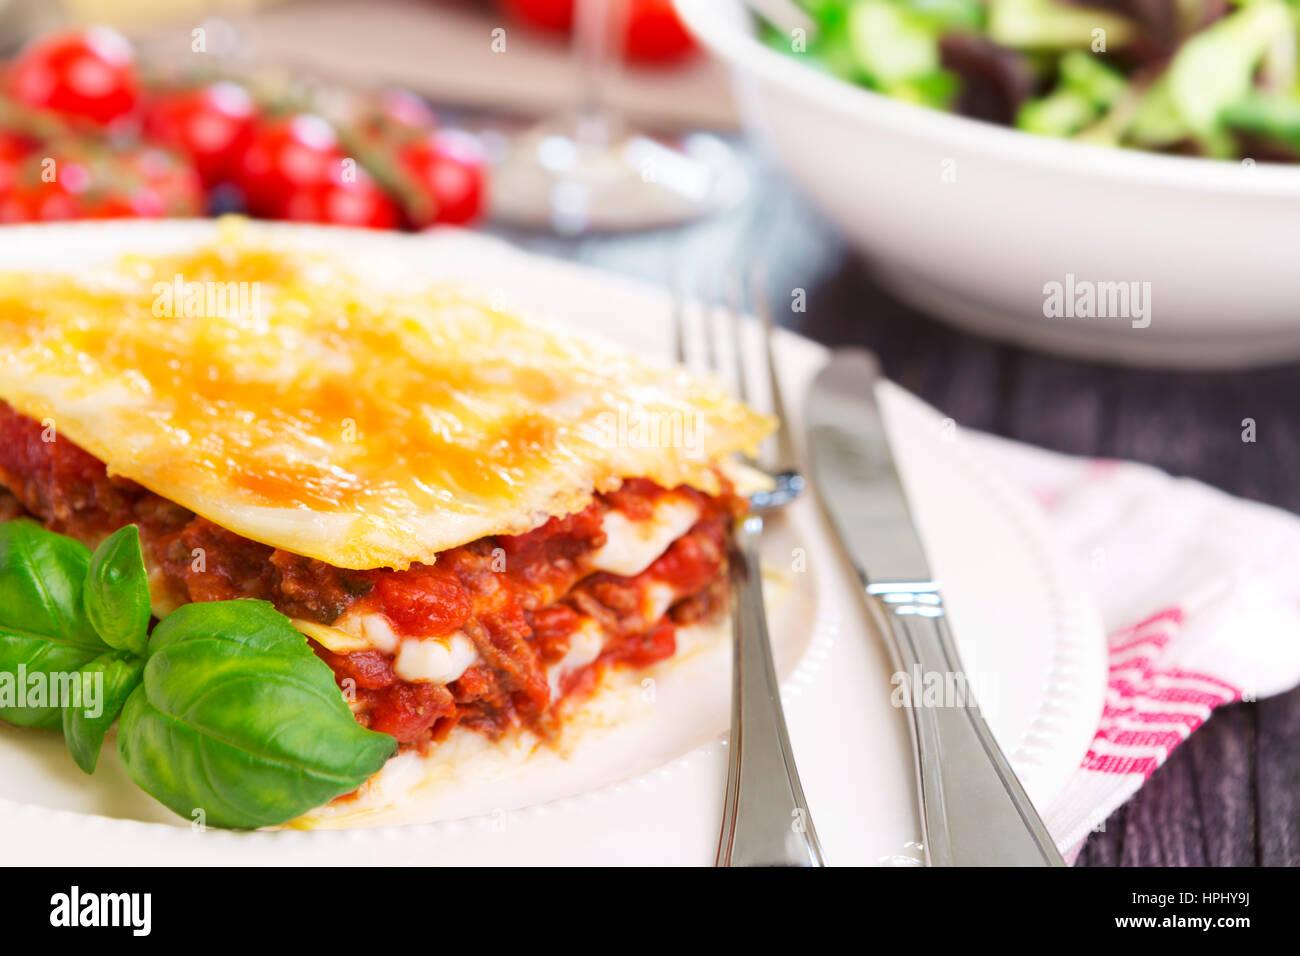 Une partie de la lasagne fait maison sur une assiette, servi avec une salade sur le côté. Photo Stock